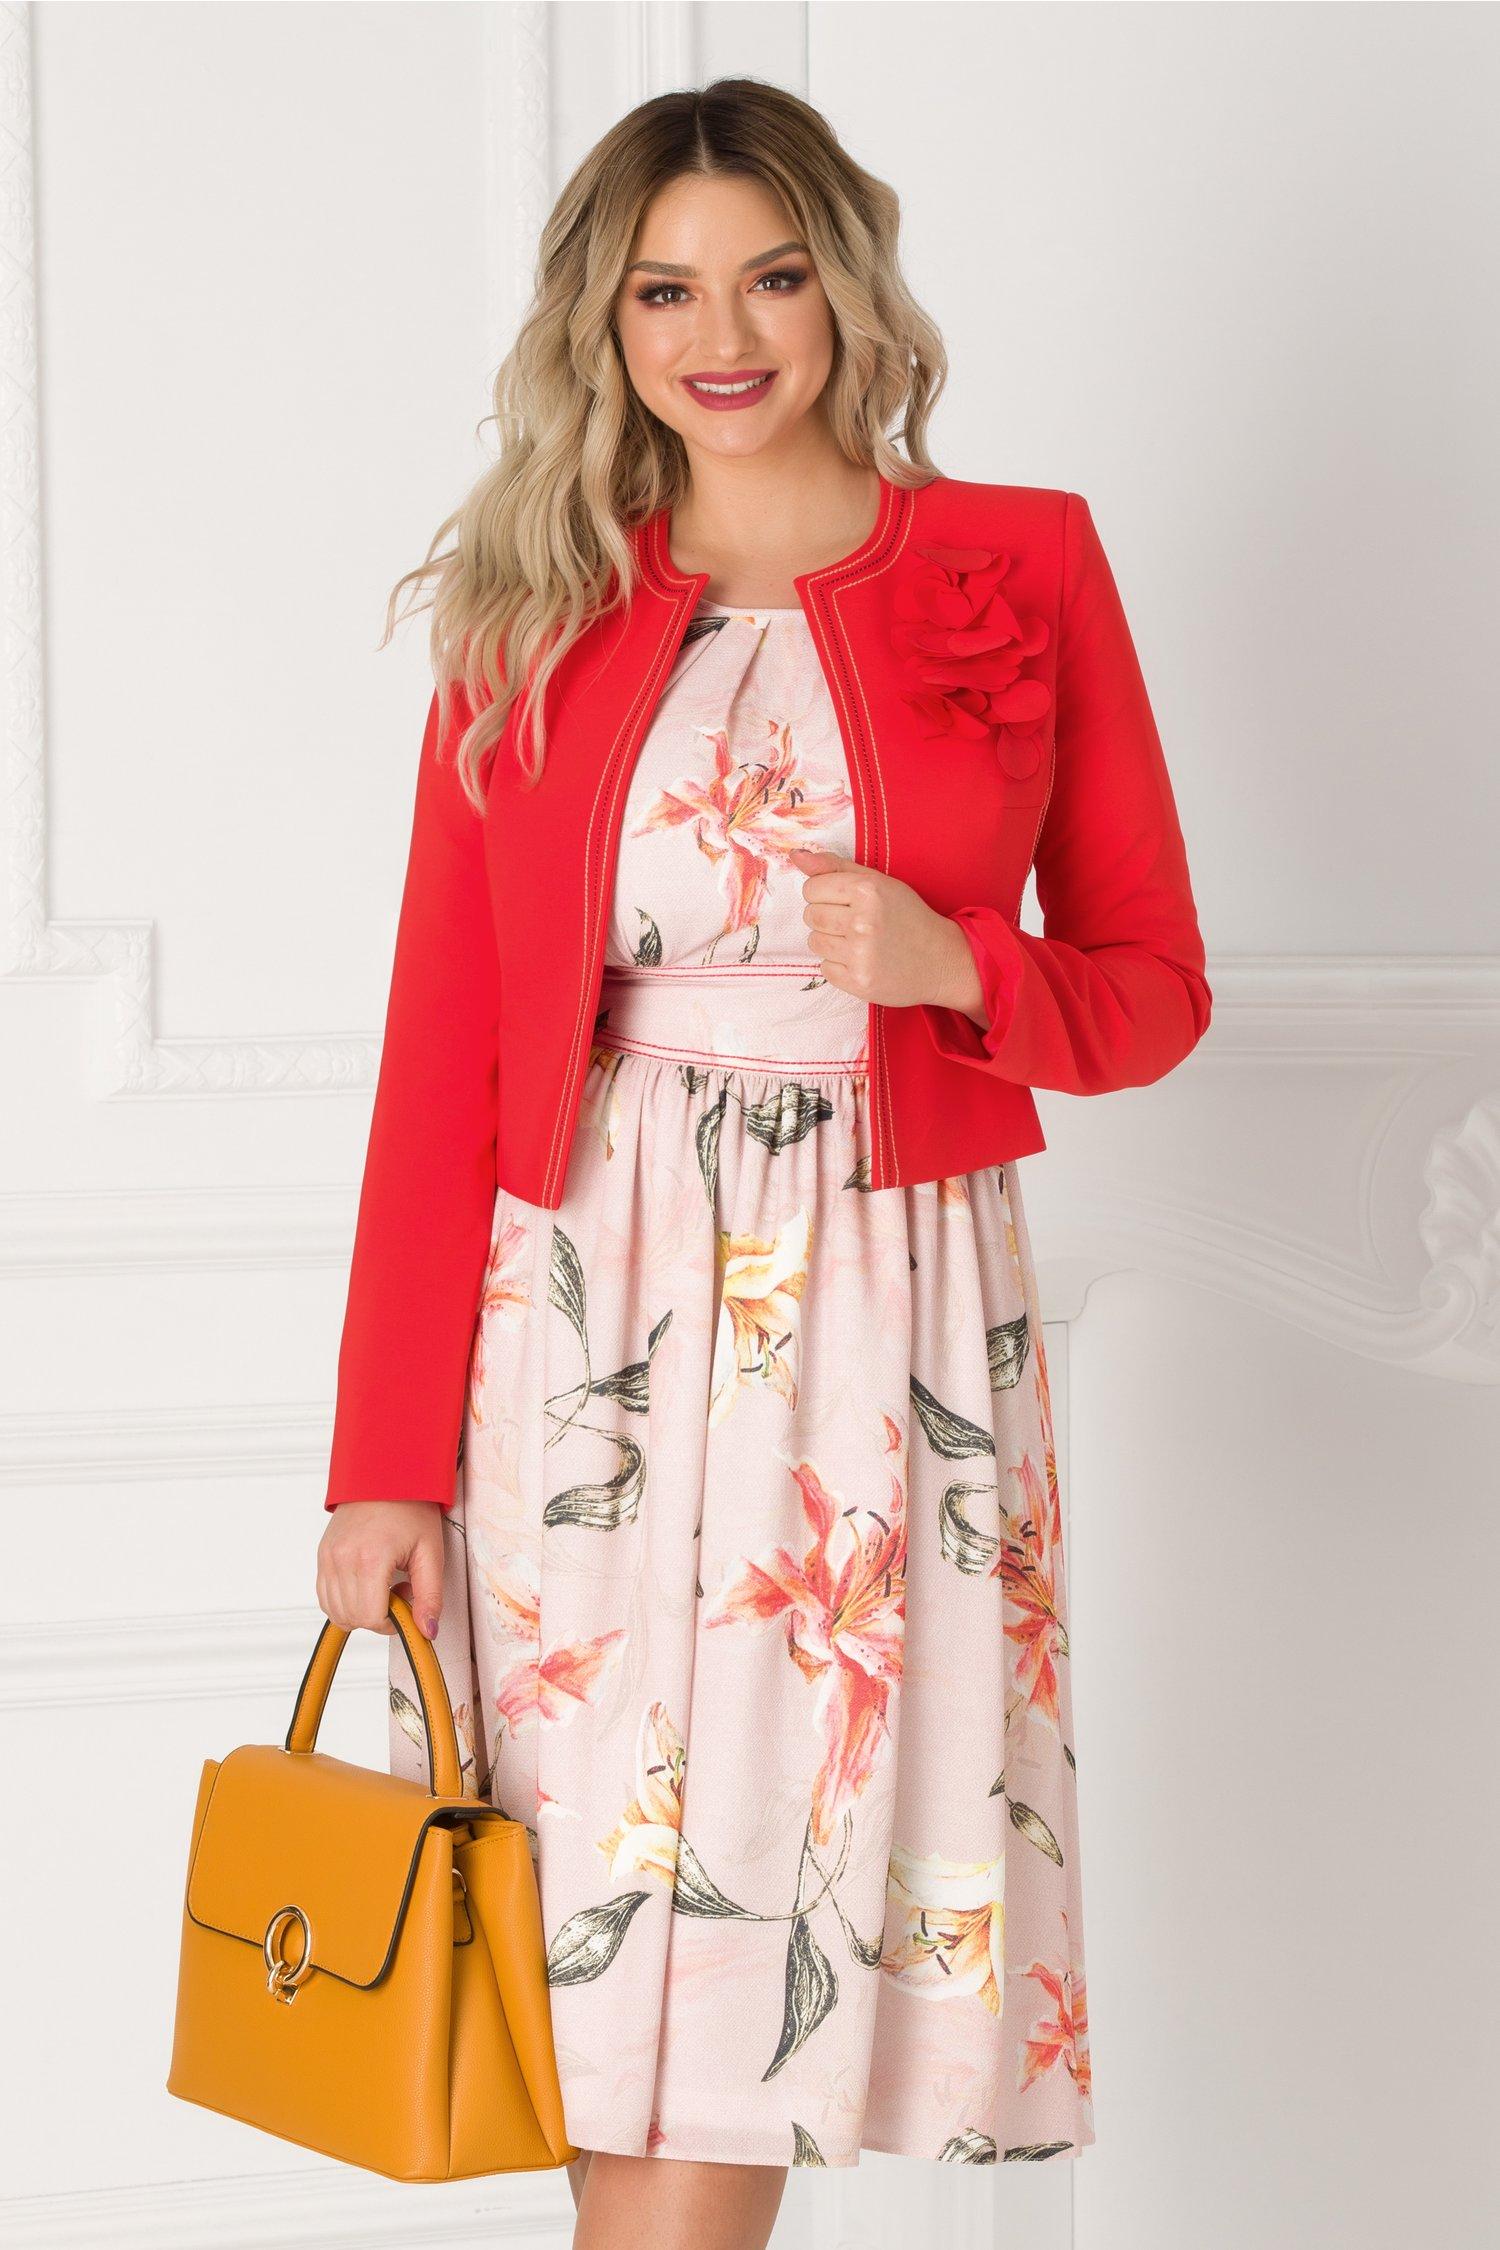 Compleu LaDonna cu sacou corai si rochie roz